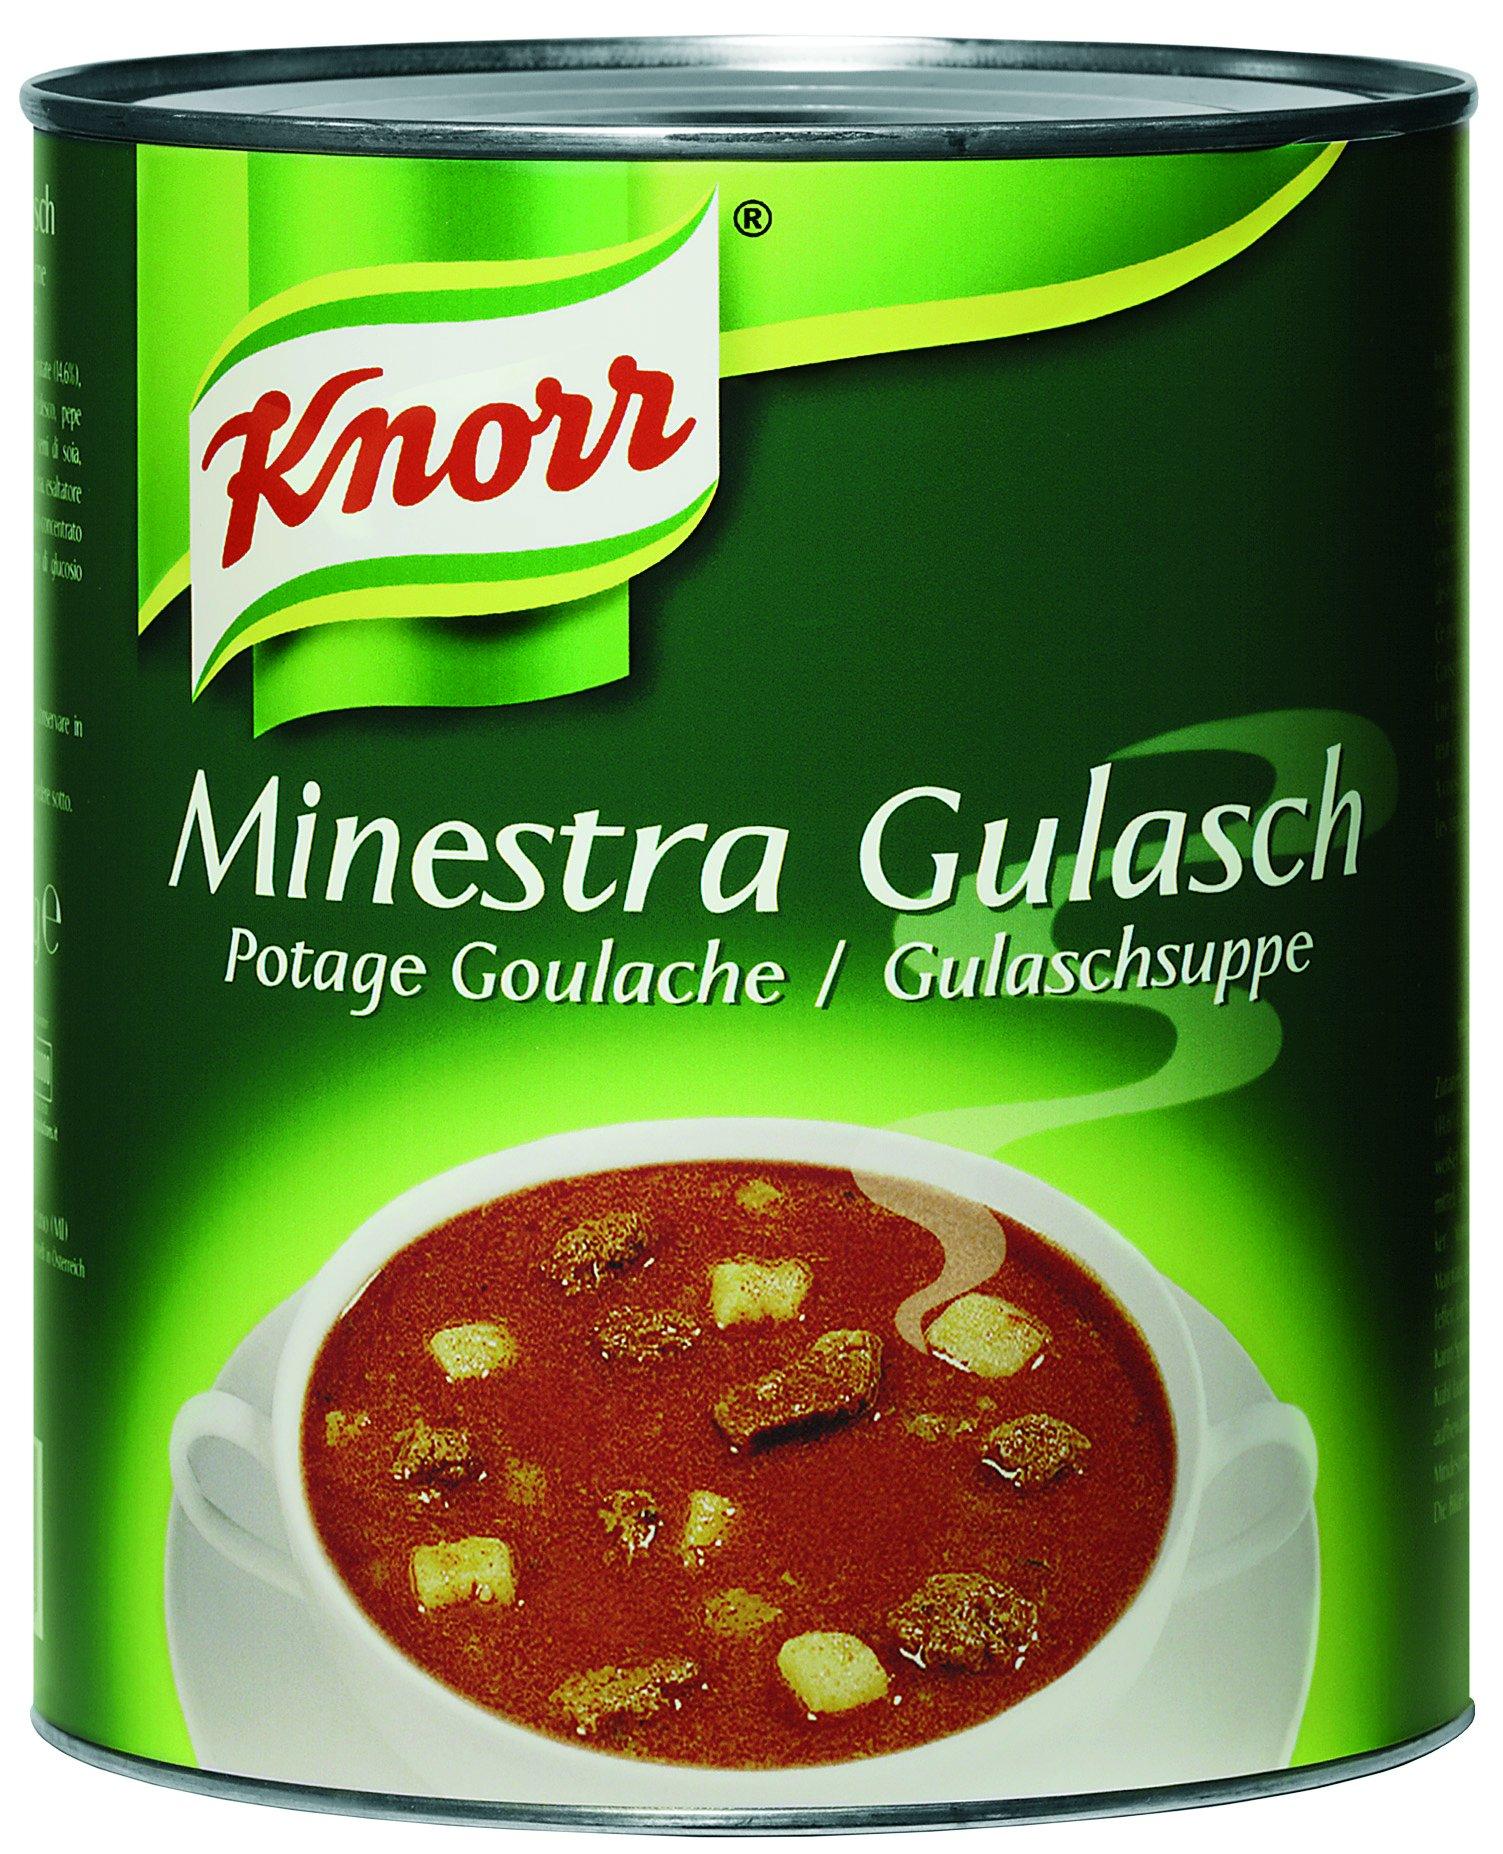 Knorr Minestra Gulasch 2,9 Kg -